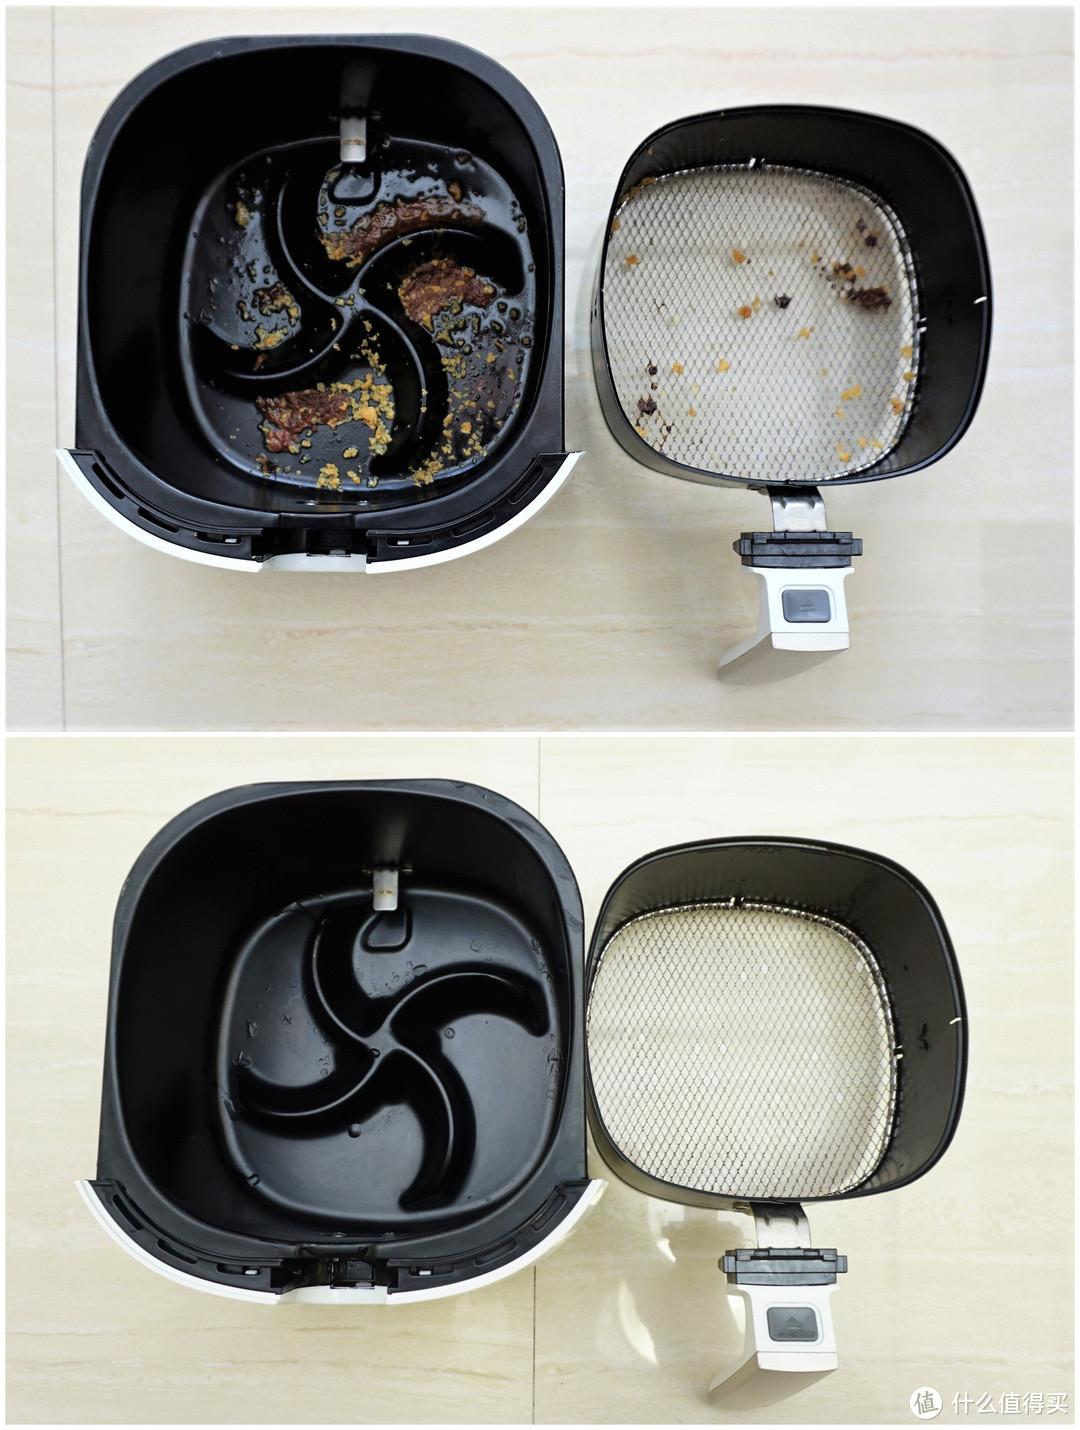 海外V10 10套洗碗机 清洗空气炸锅 及滤网效果对比